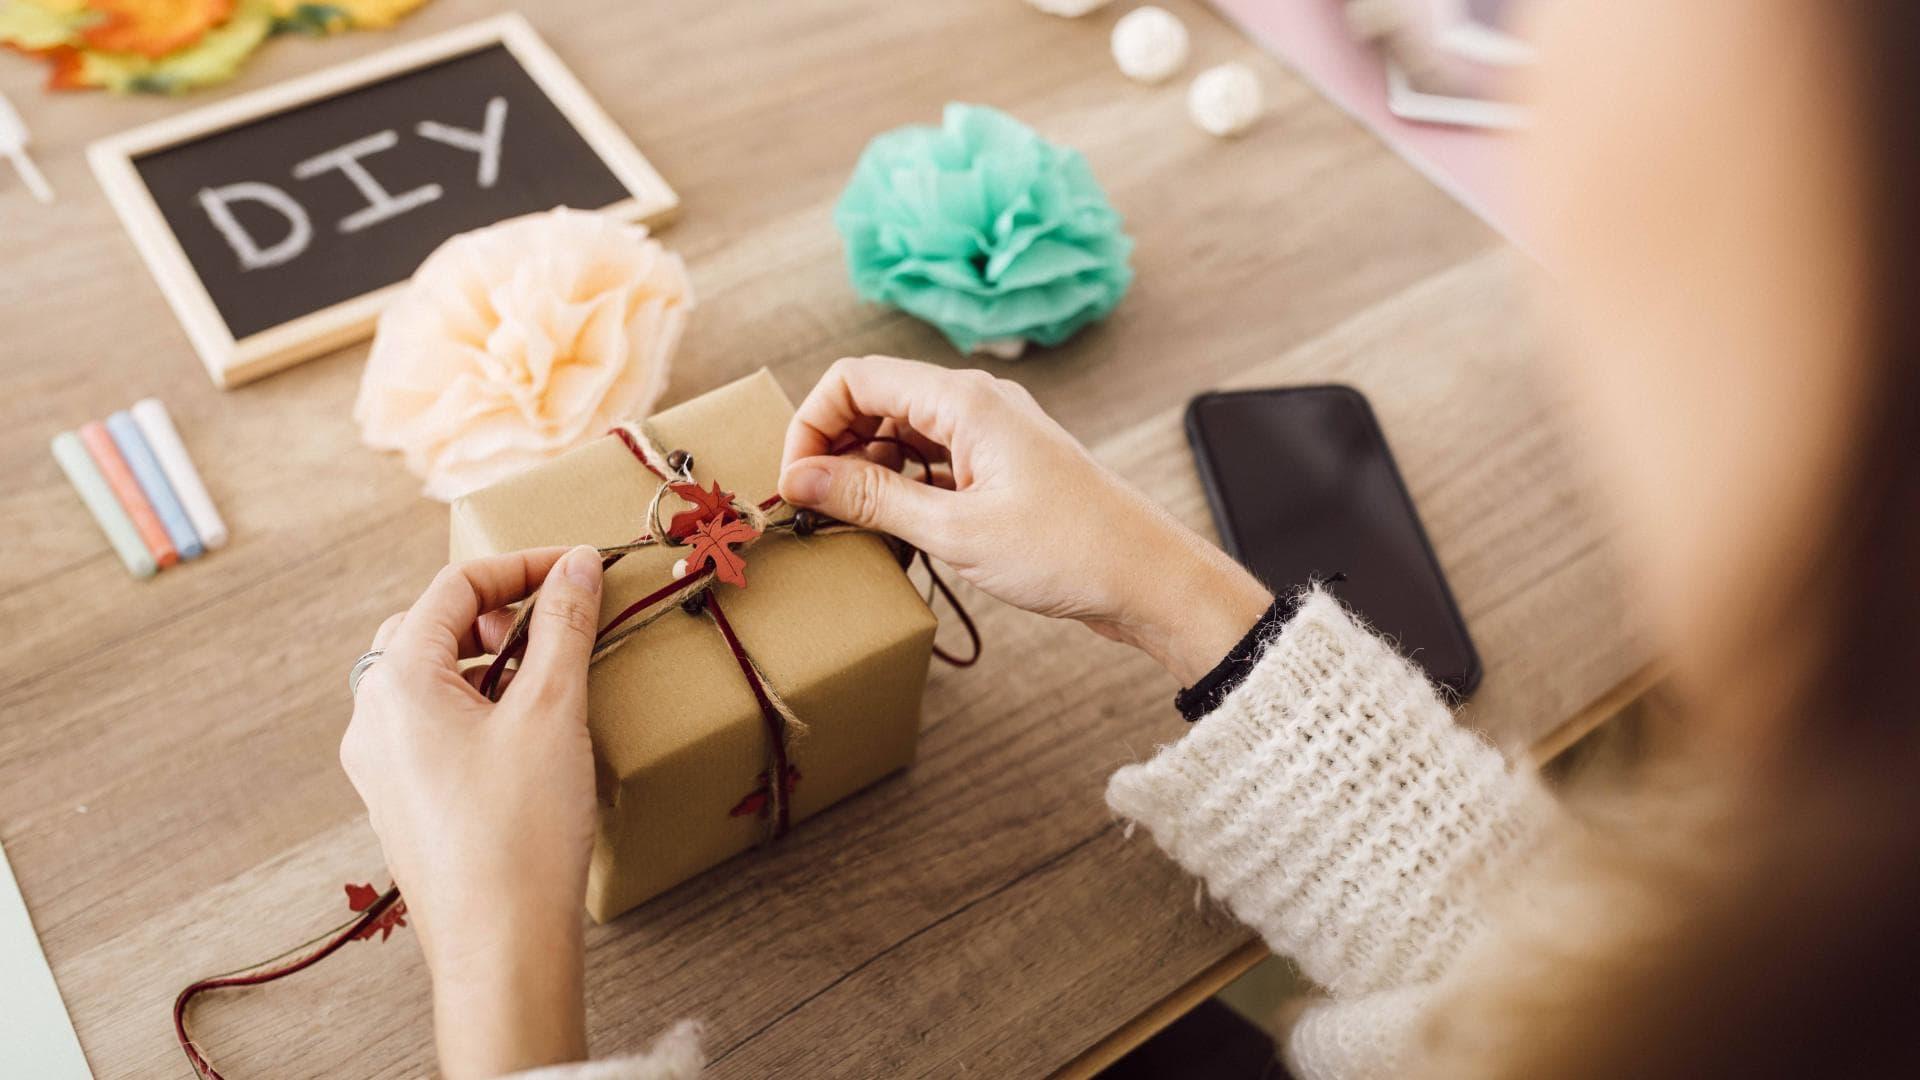 DIY Bloggerin verpackt ein Geschenk